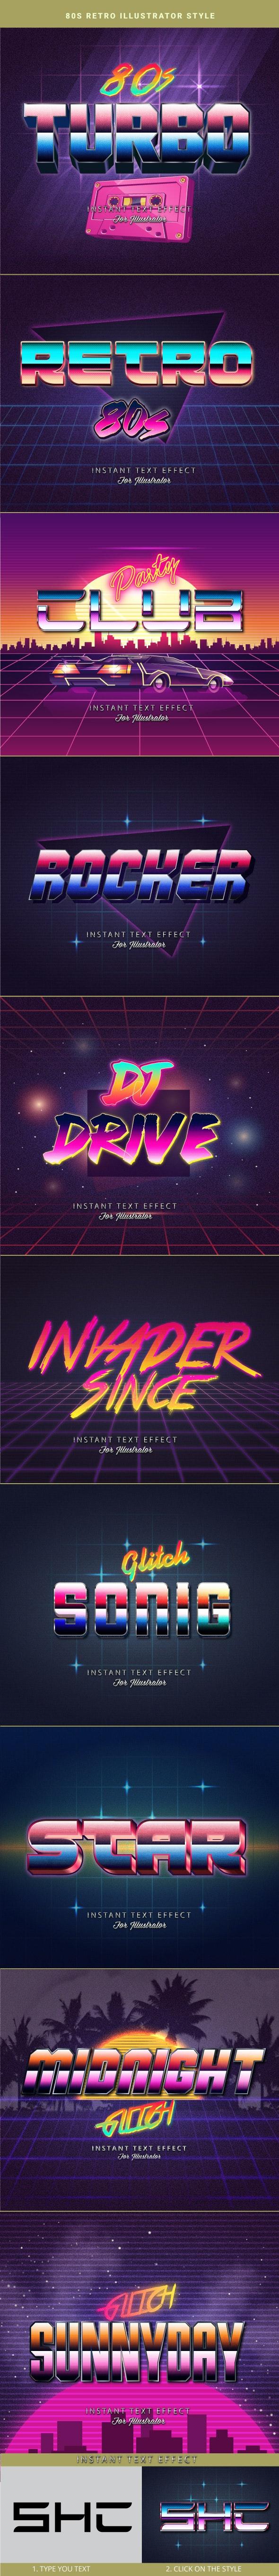 80s Retro Text Effects for Illustrator V2 - Styles Illustrator